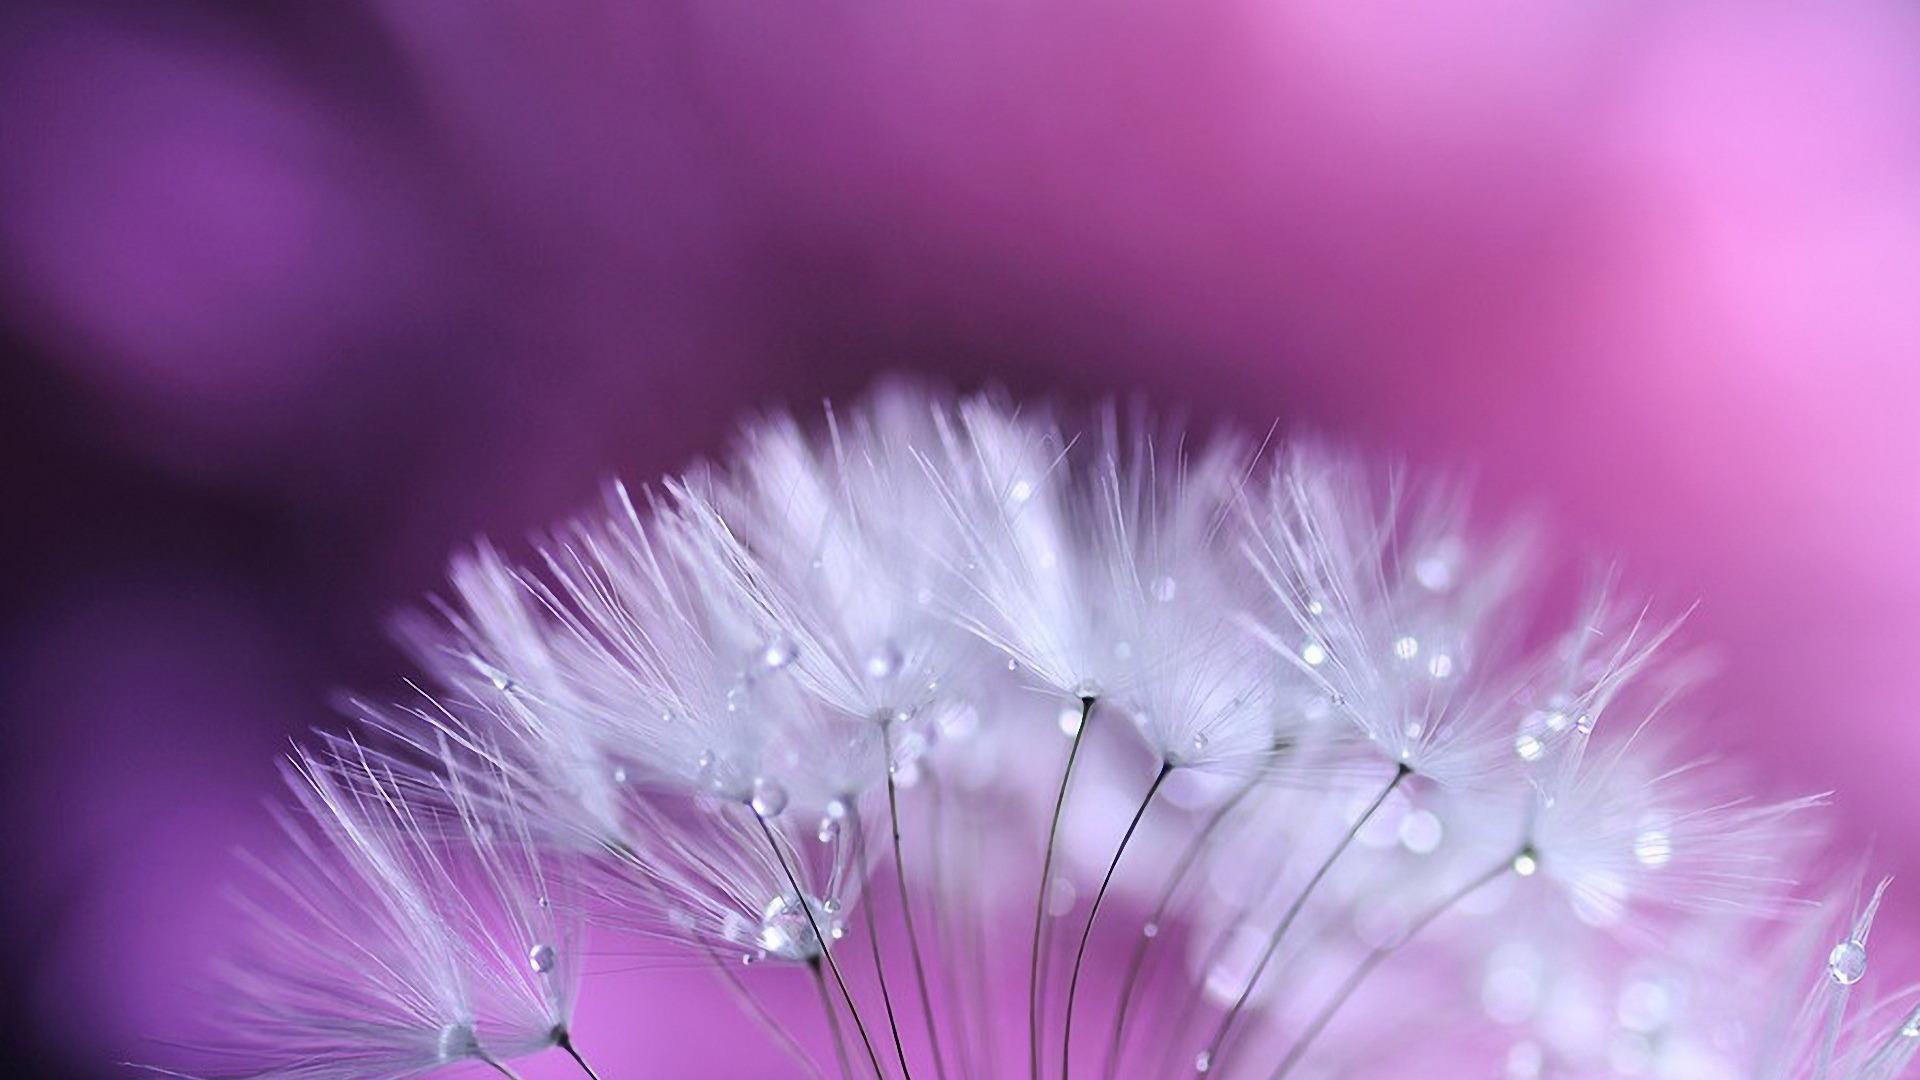 dandelion hd